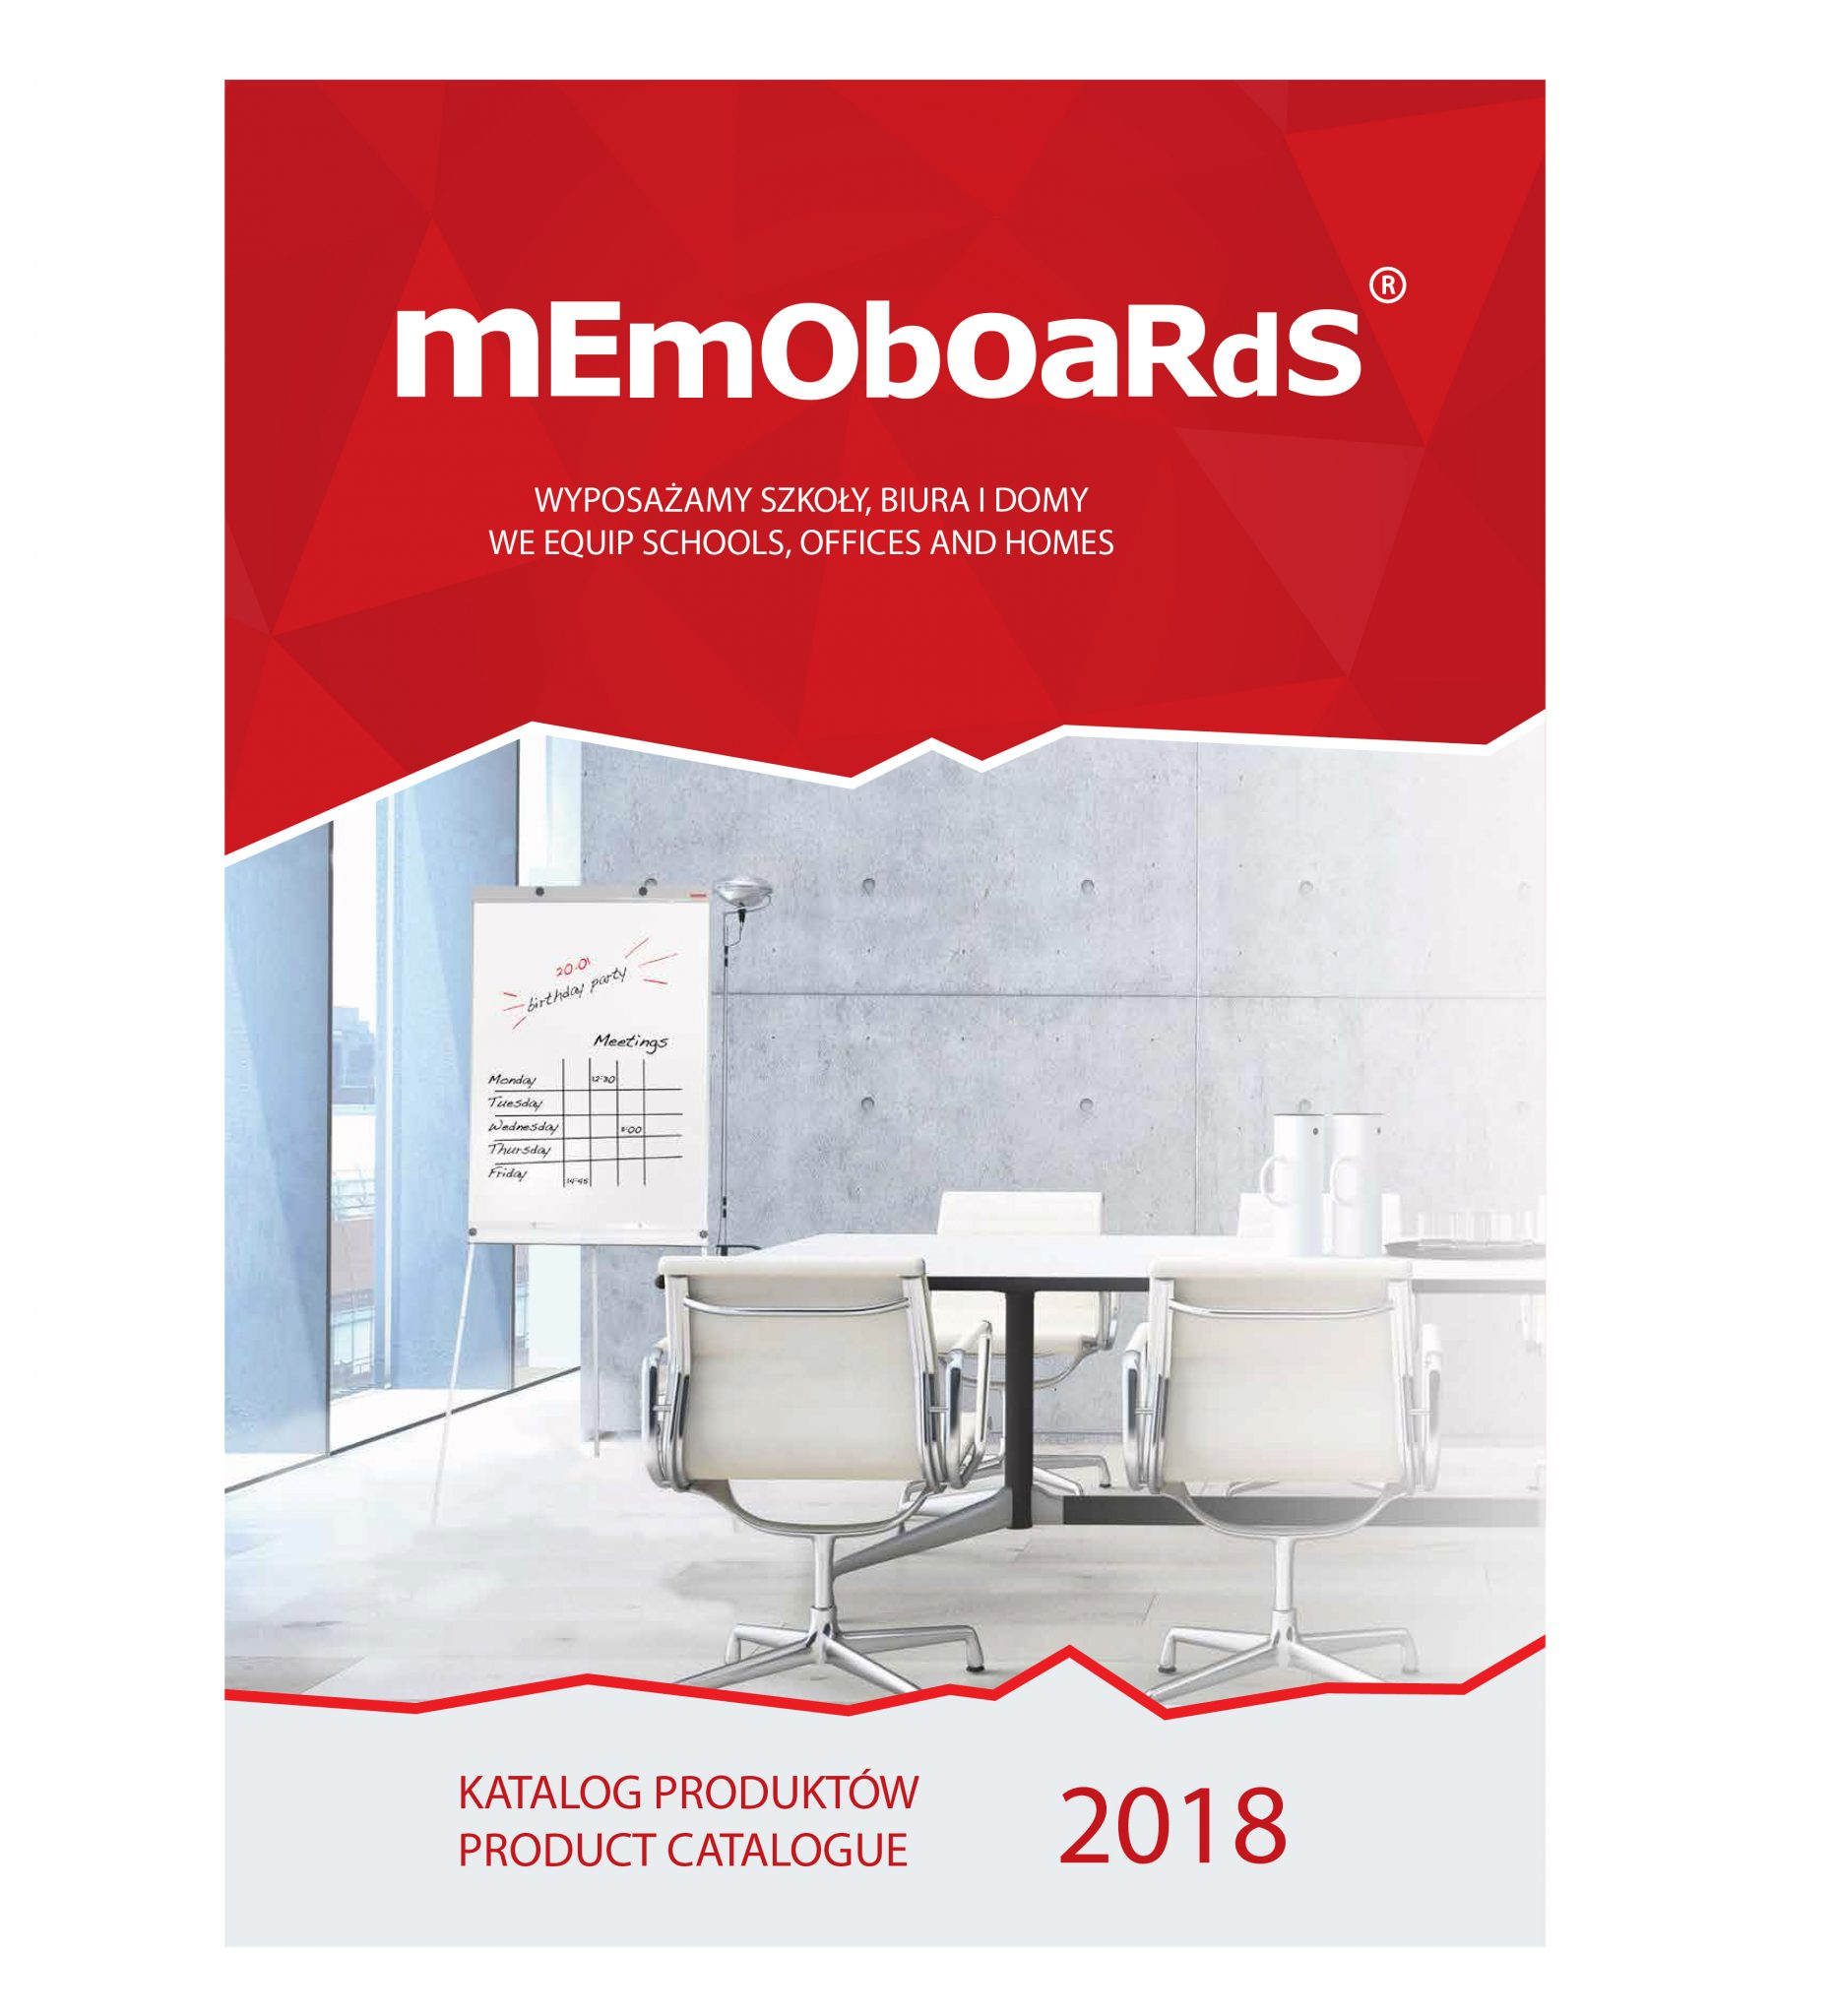 katalog memoboards 2018